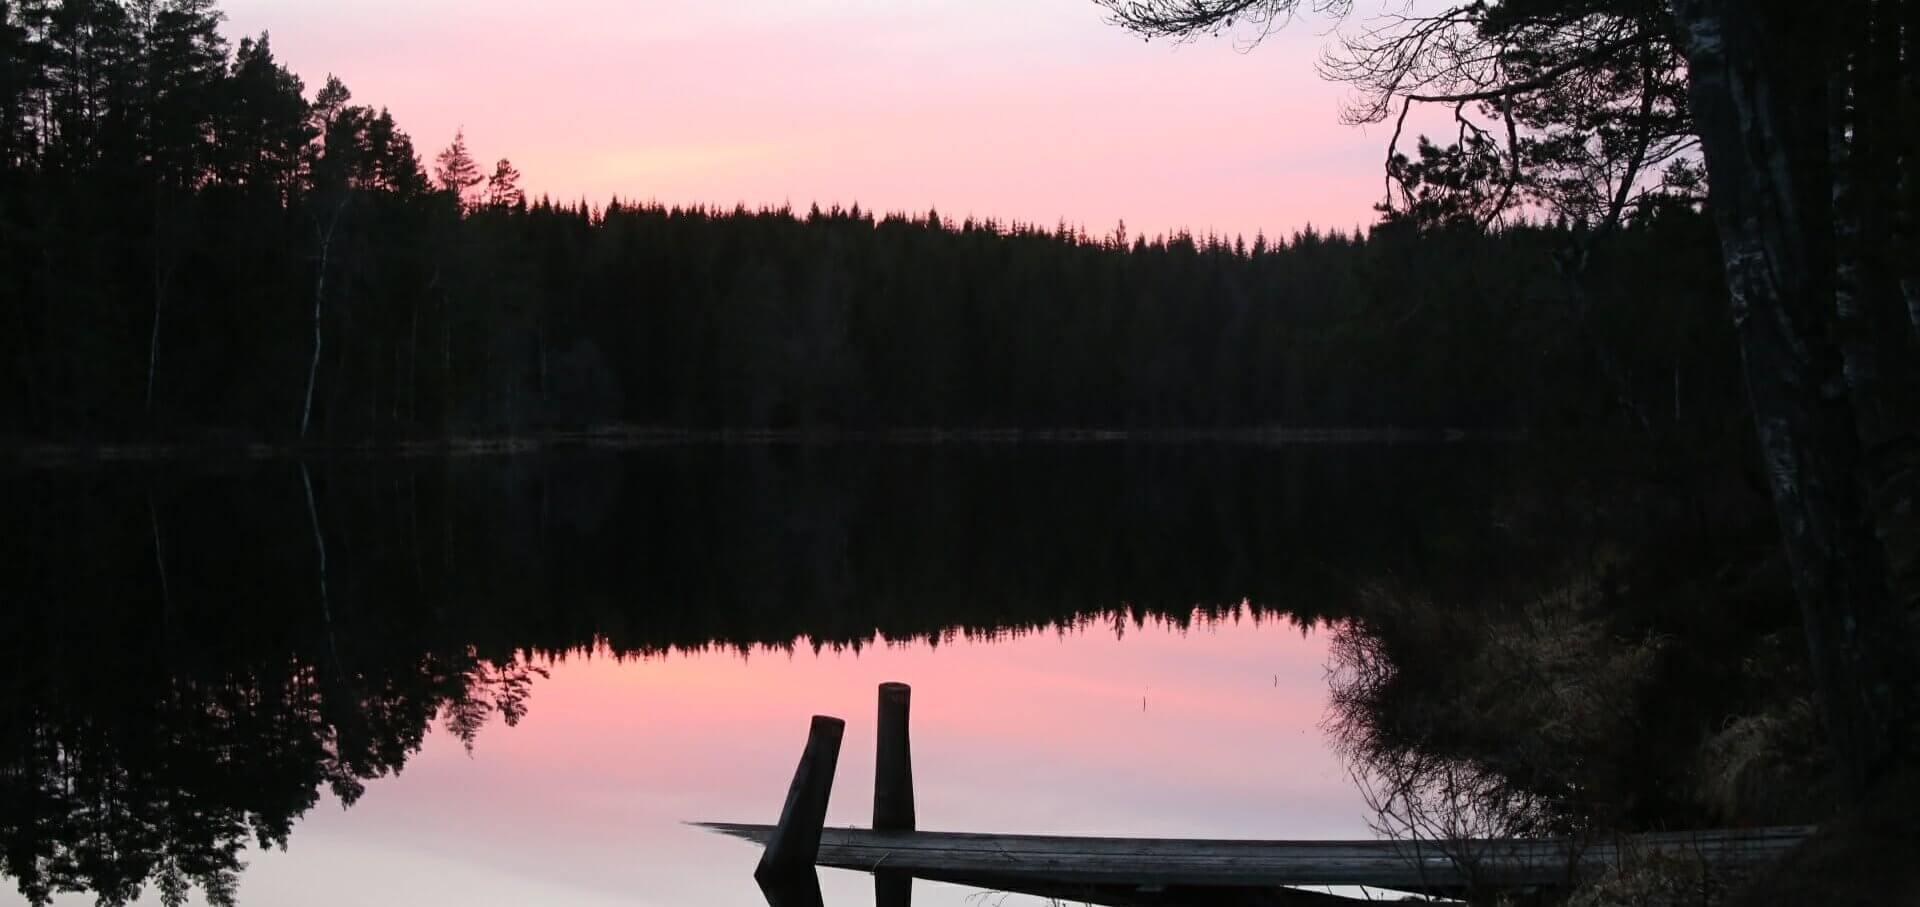 Sonnenuntergang in der wunderschönen Natur Schwedens.